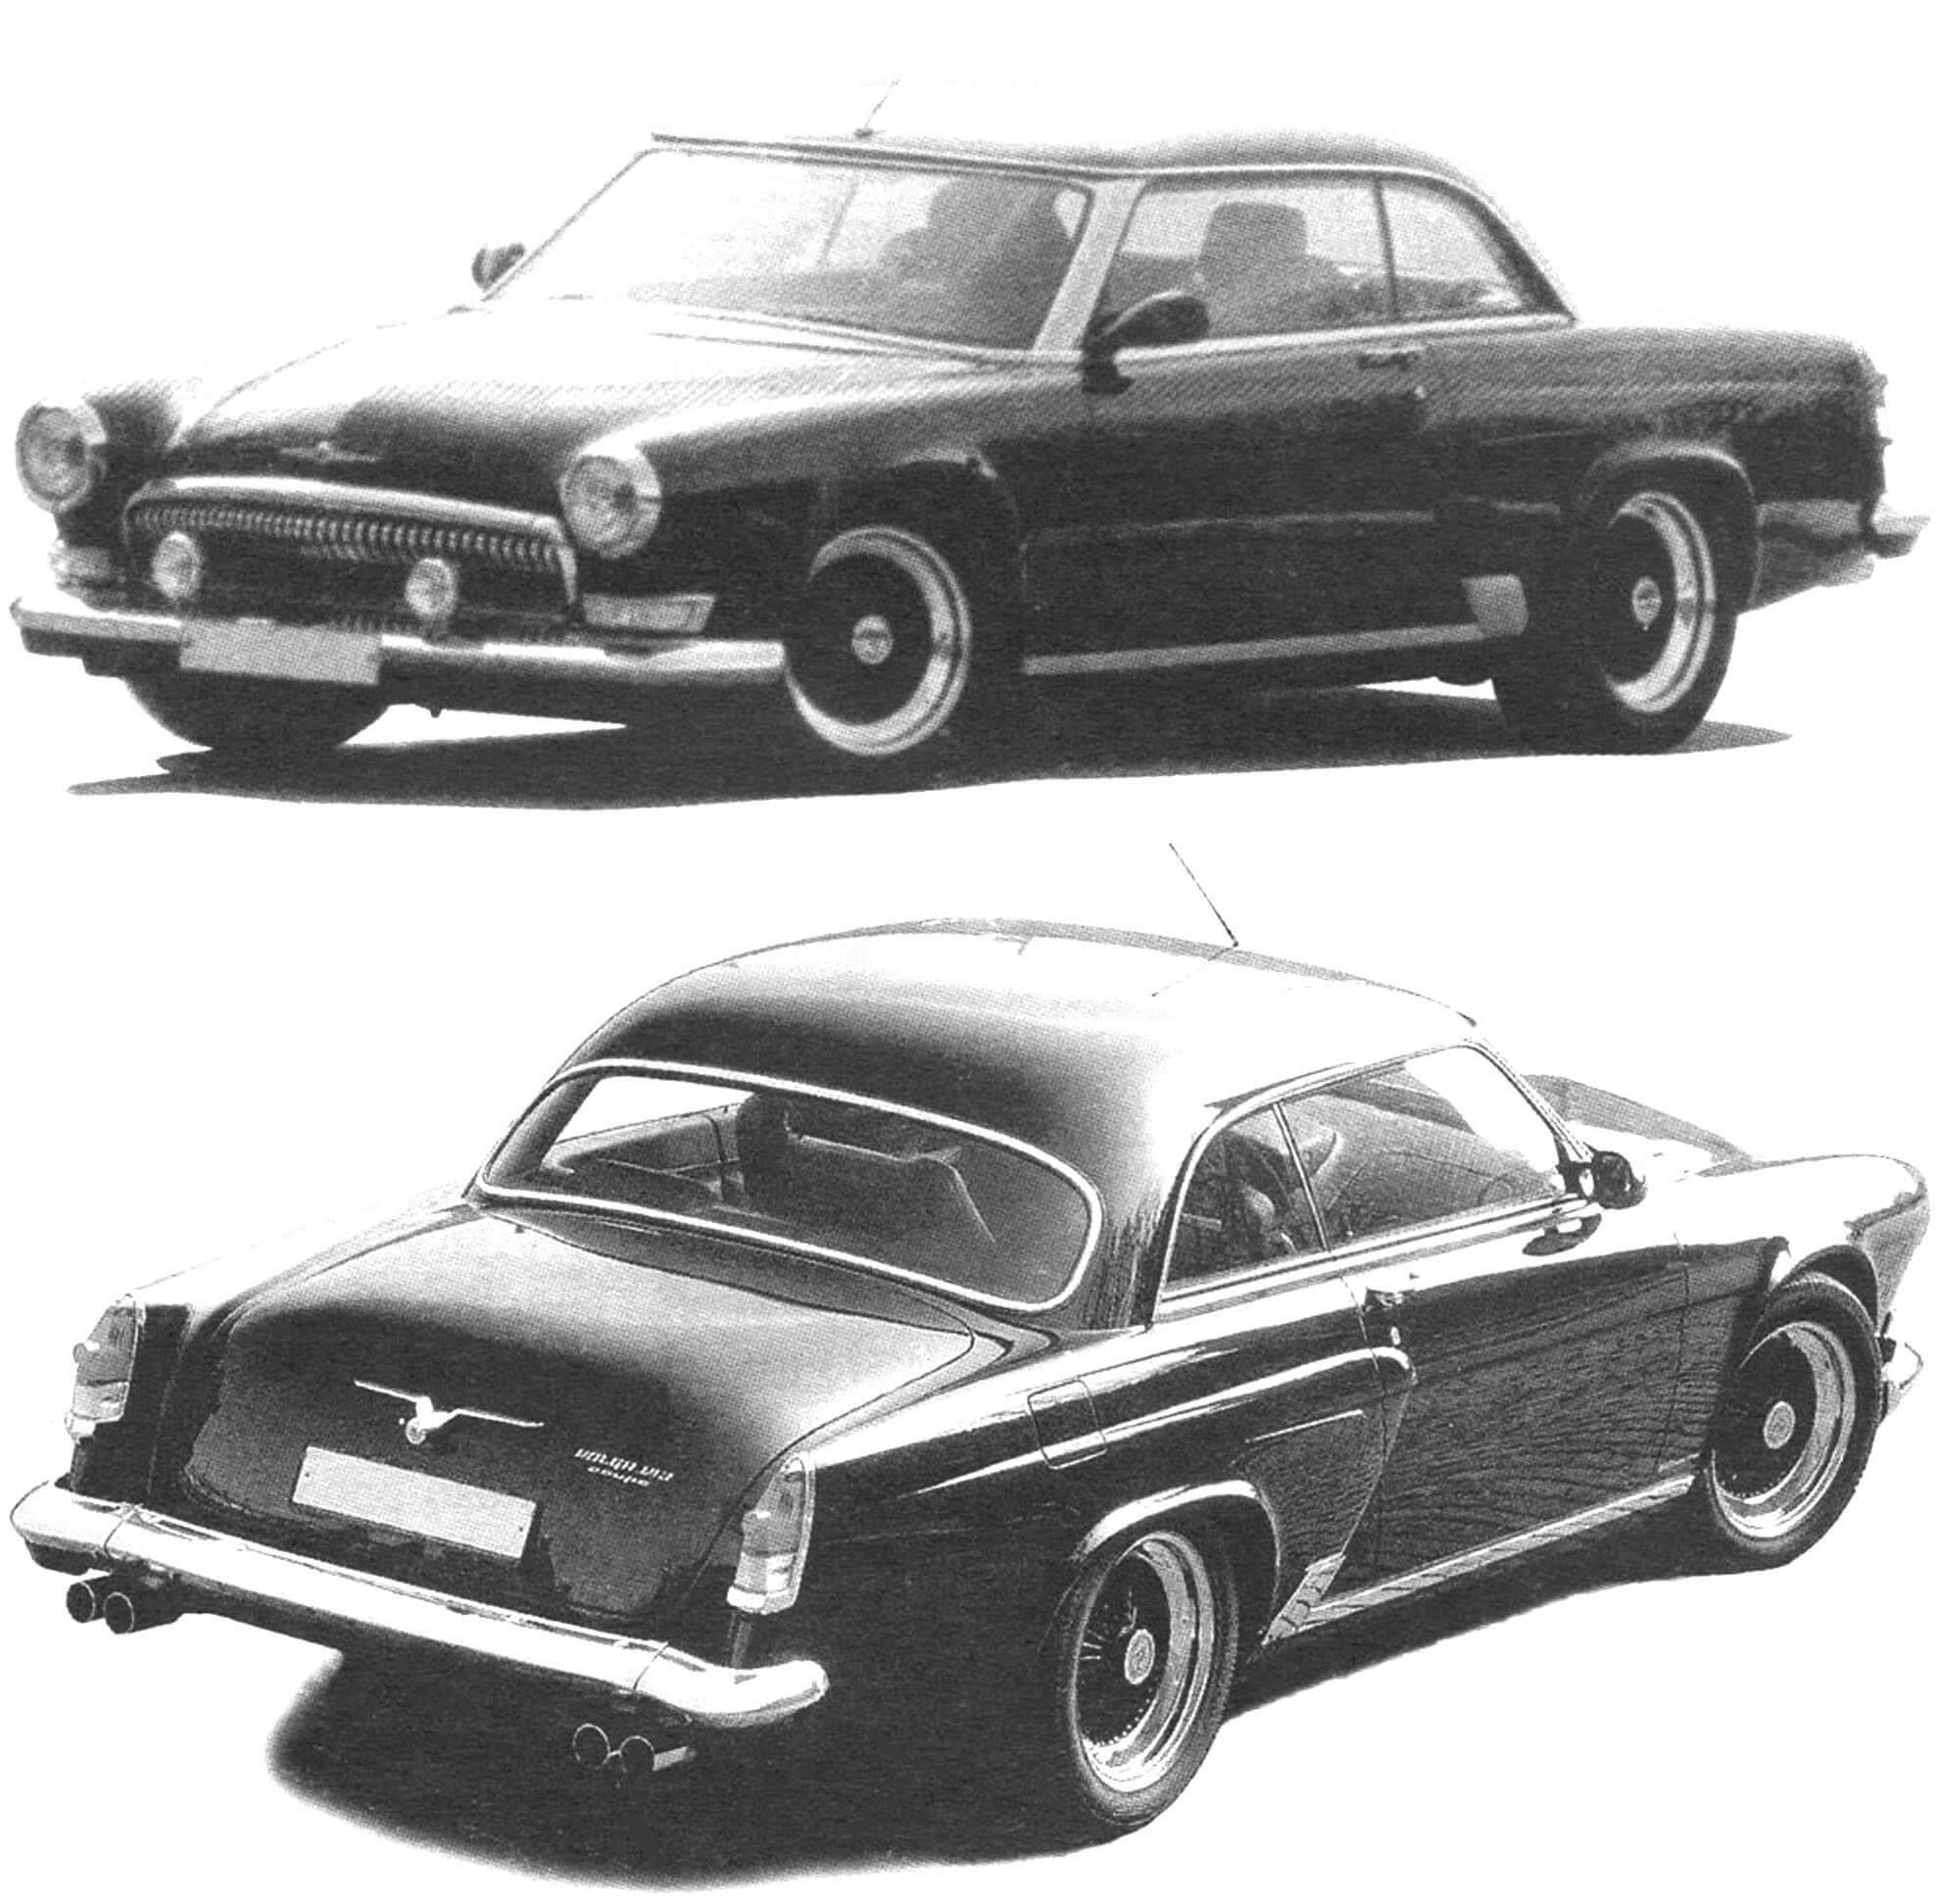 """Дизайн автомобиля """"Волга"""" 1950 годов и сегодня побуждает художников-конструкторов к созданию ренликаров но мотивам легендарной """"двадцать первой"""". На снимке - Volga V12 coupe, построенная к 2000 году московской фирмой """"Автолак"""". Машина оснащена 380-сильным двигателем V12 и всеми возможными системами комфорт и безопасности"""